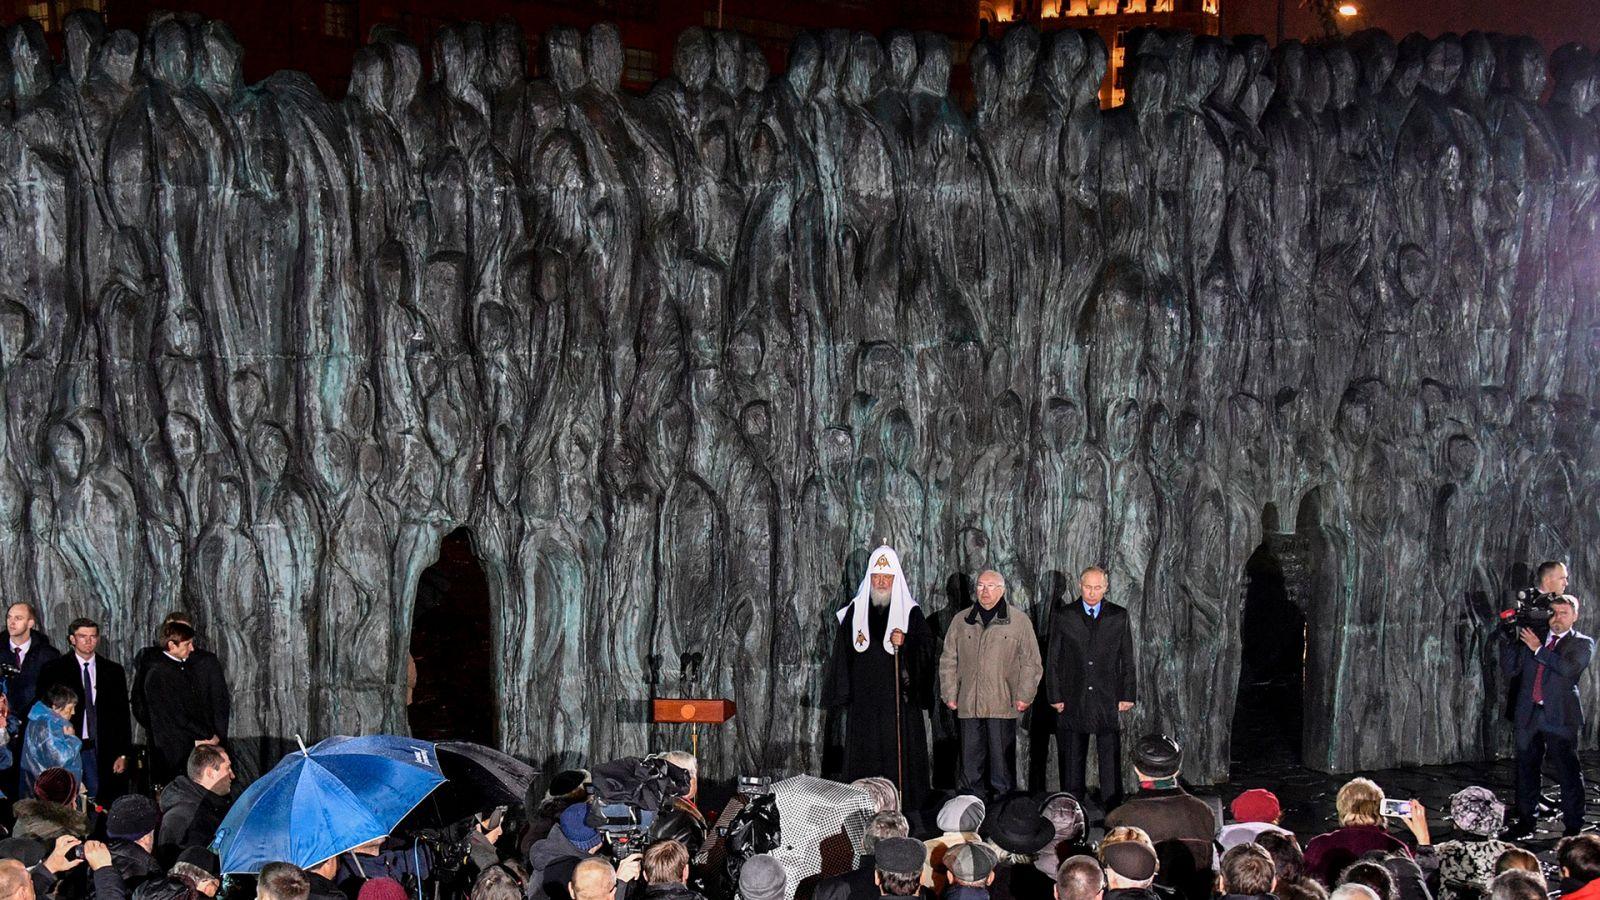 В.П. Лукин принял участие в церемонии открытия мемориала памяти жертв политических репрессий «Стена скорби» в Москве